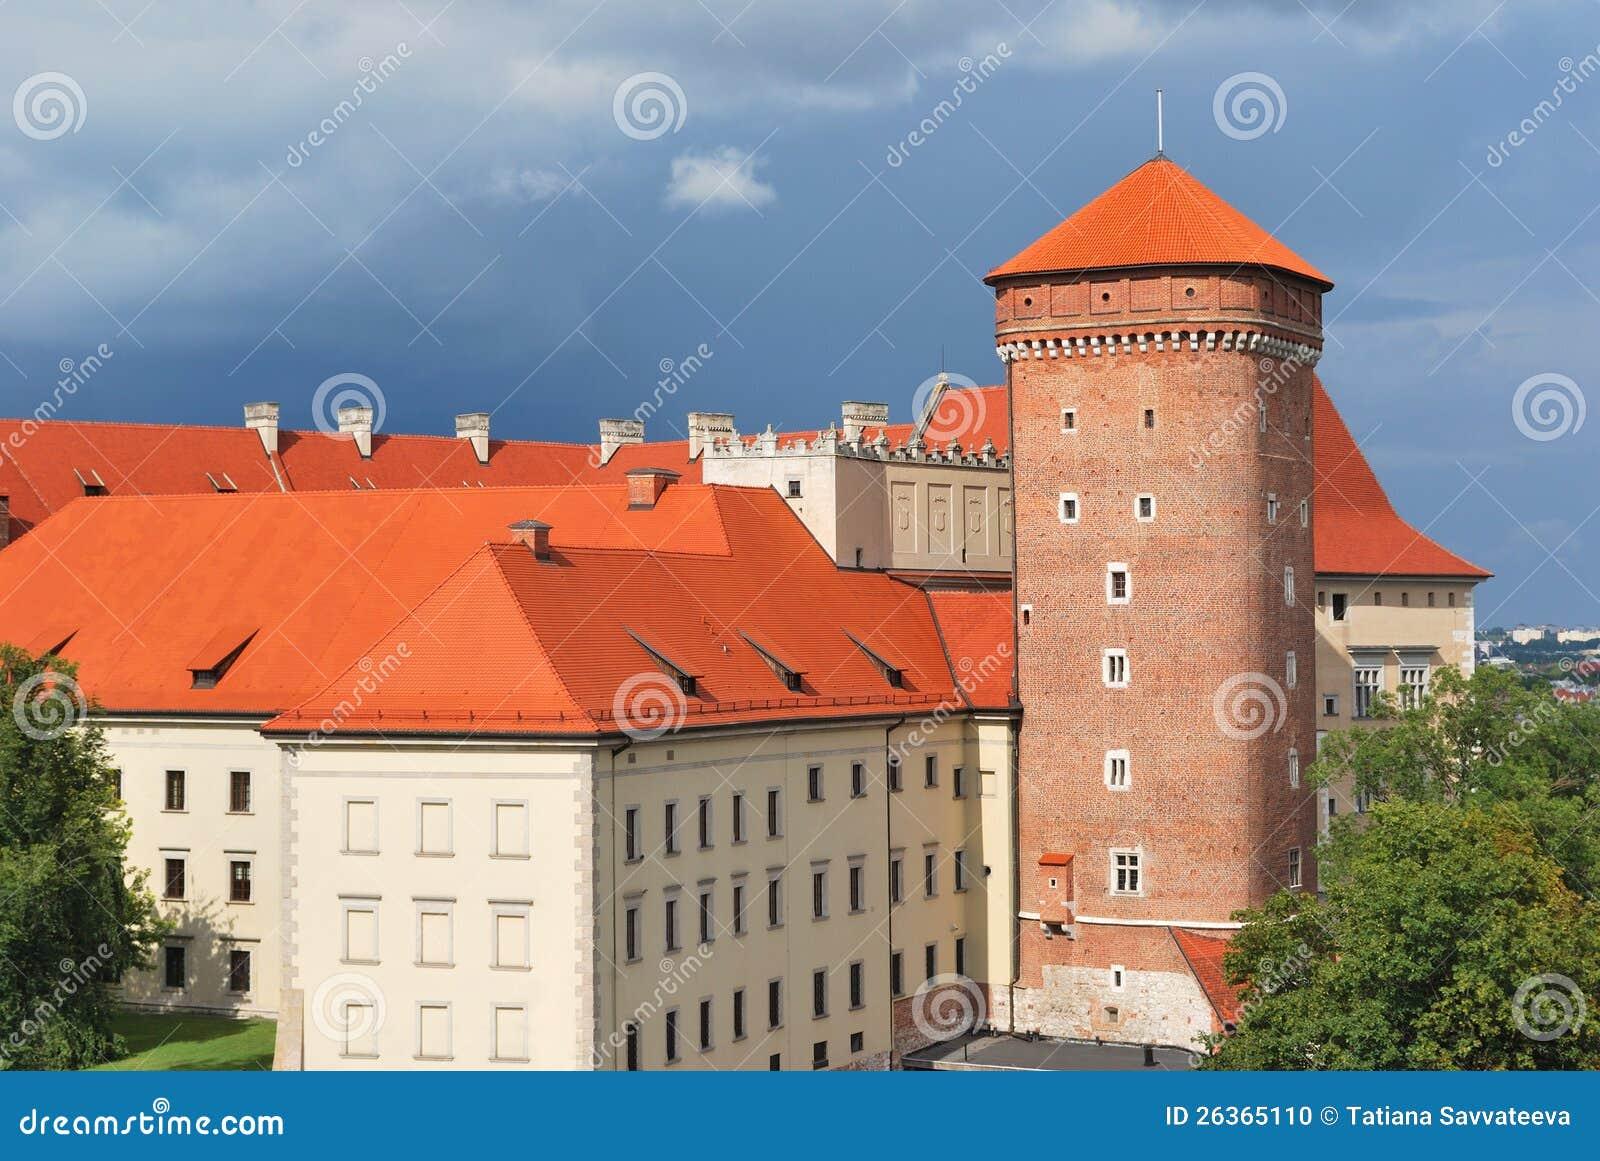 Krakau. Alte Stadt vor dem Sturm